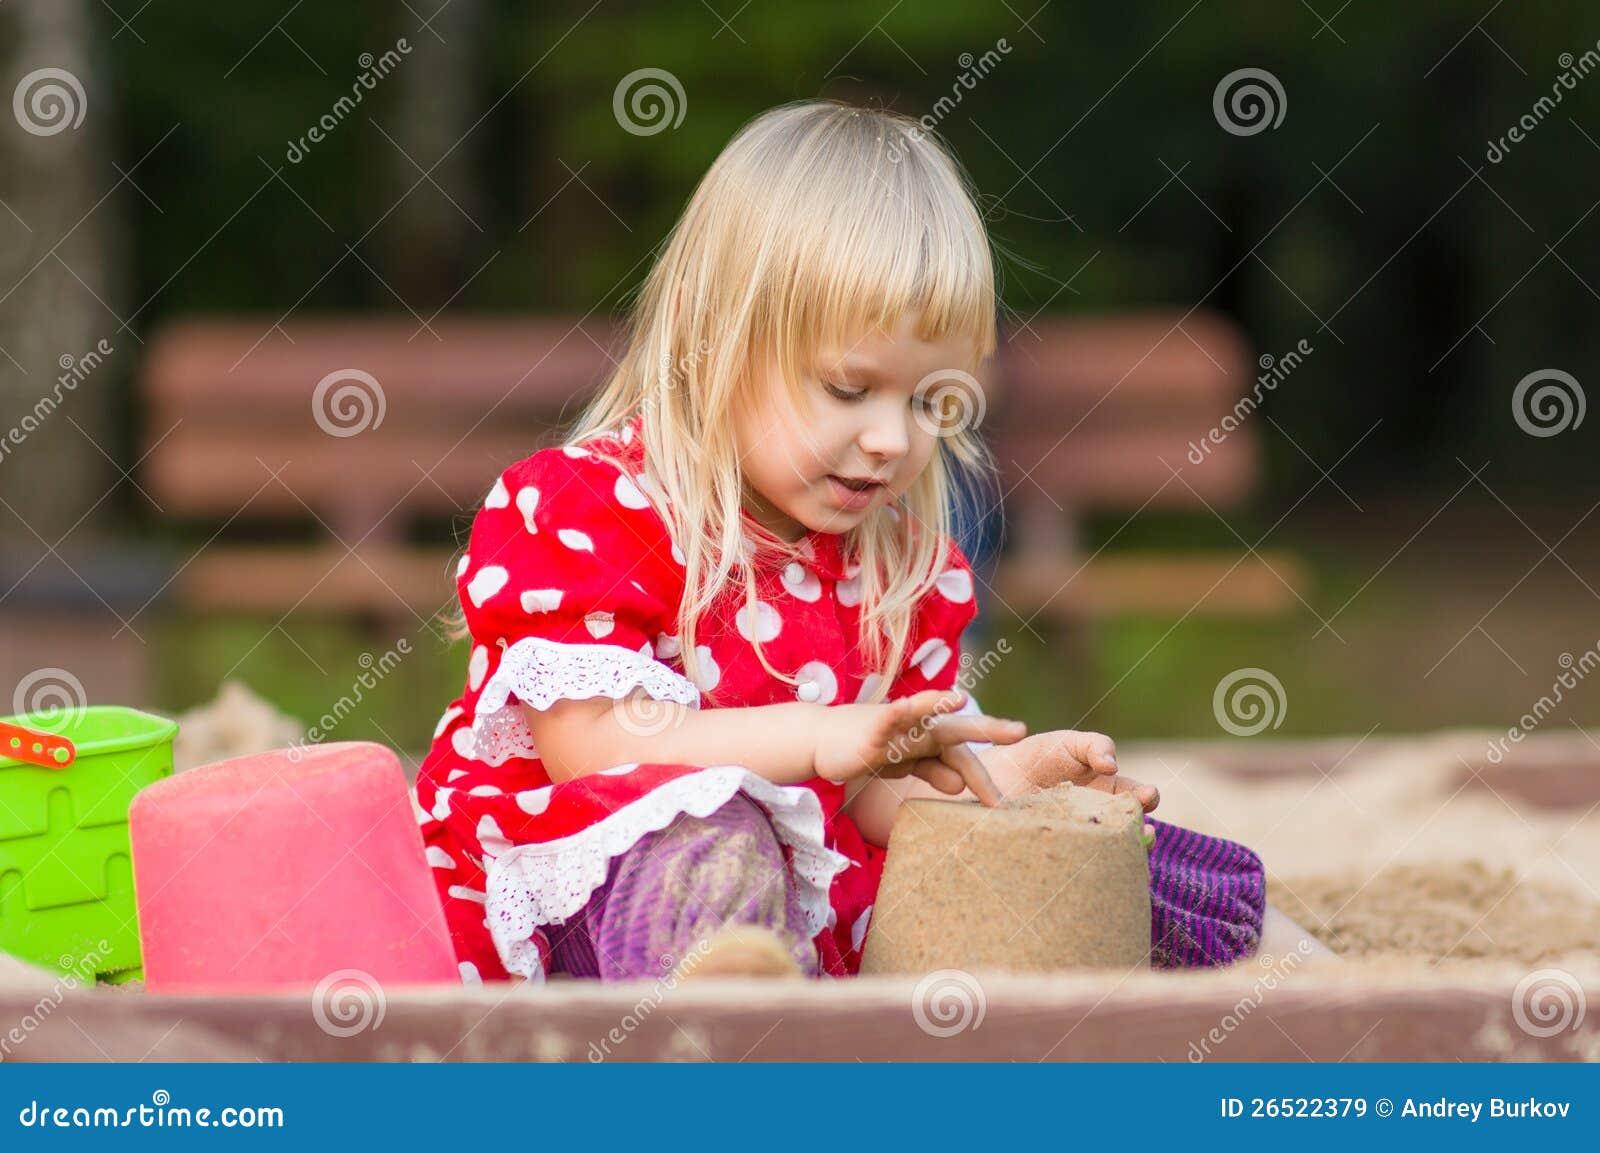 Jogo adorável da menina com os brinquedos na caixa de areia